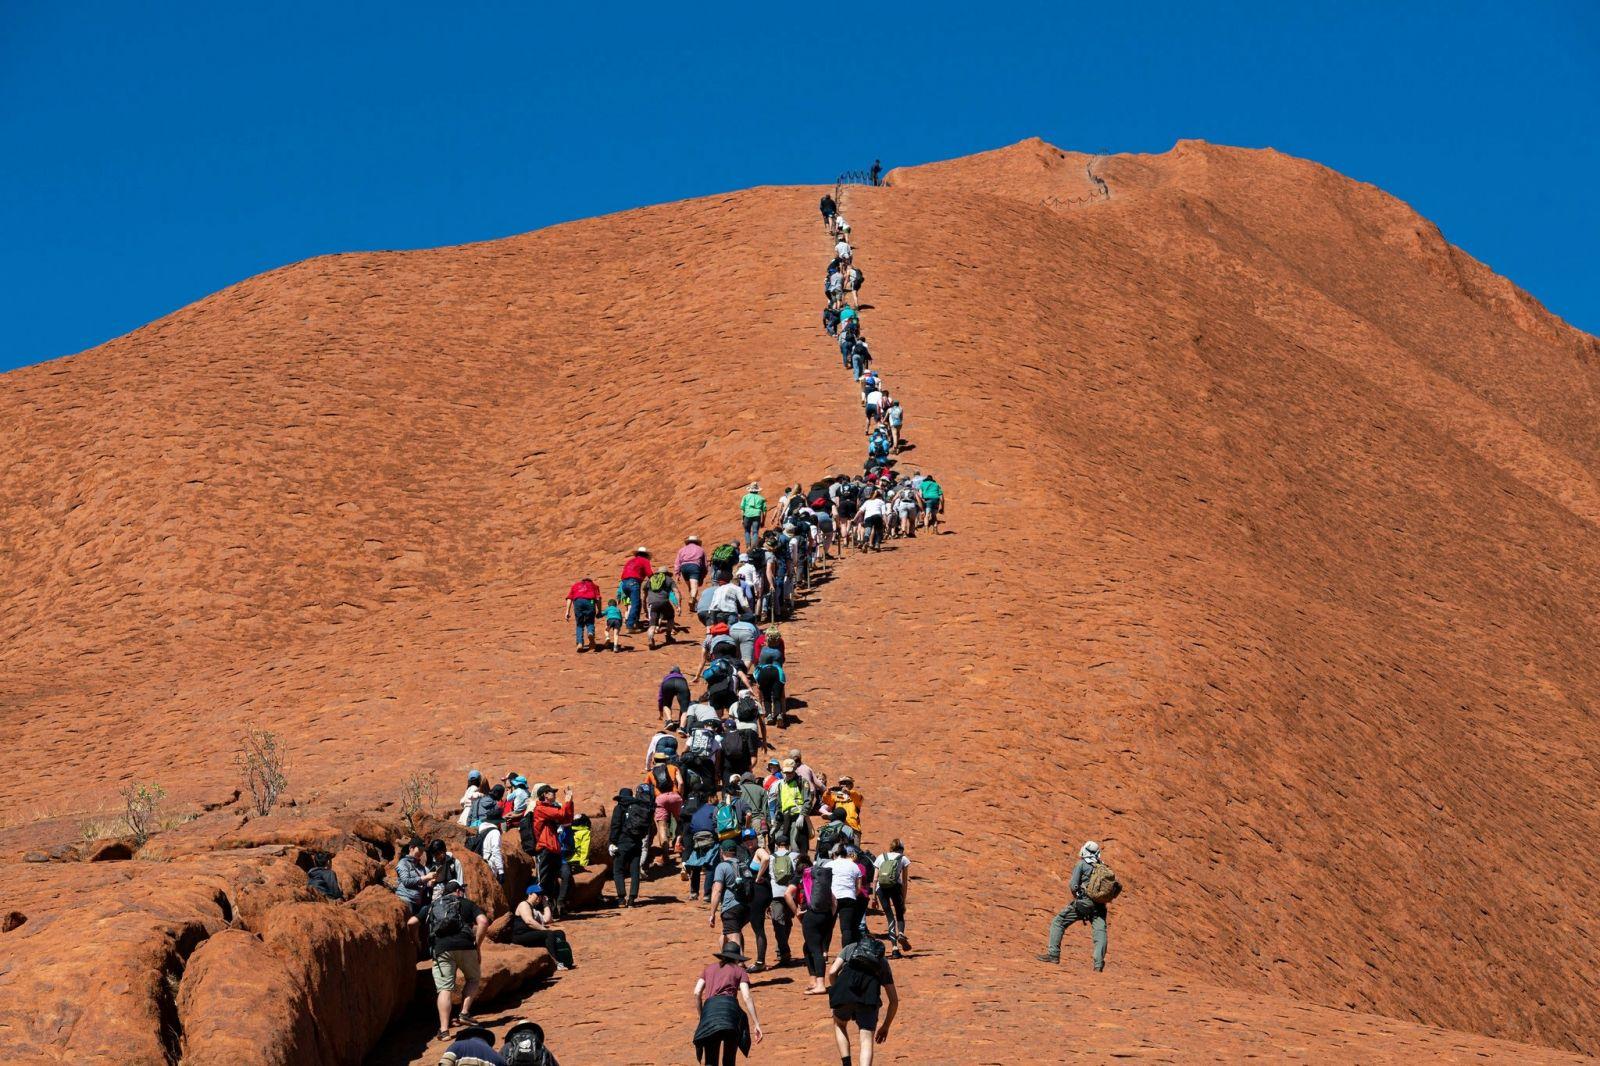 Seperti Pulau Komodo, Uluru, tempat suci Suku Aborigin yang sebelumnya dibuka untuk wisata bakal segera ditutup pemerintah Australia (Foto : NY Times)